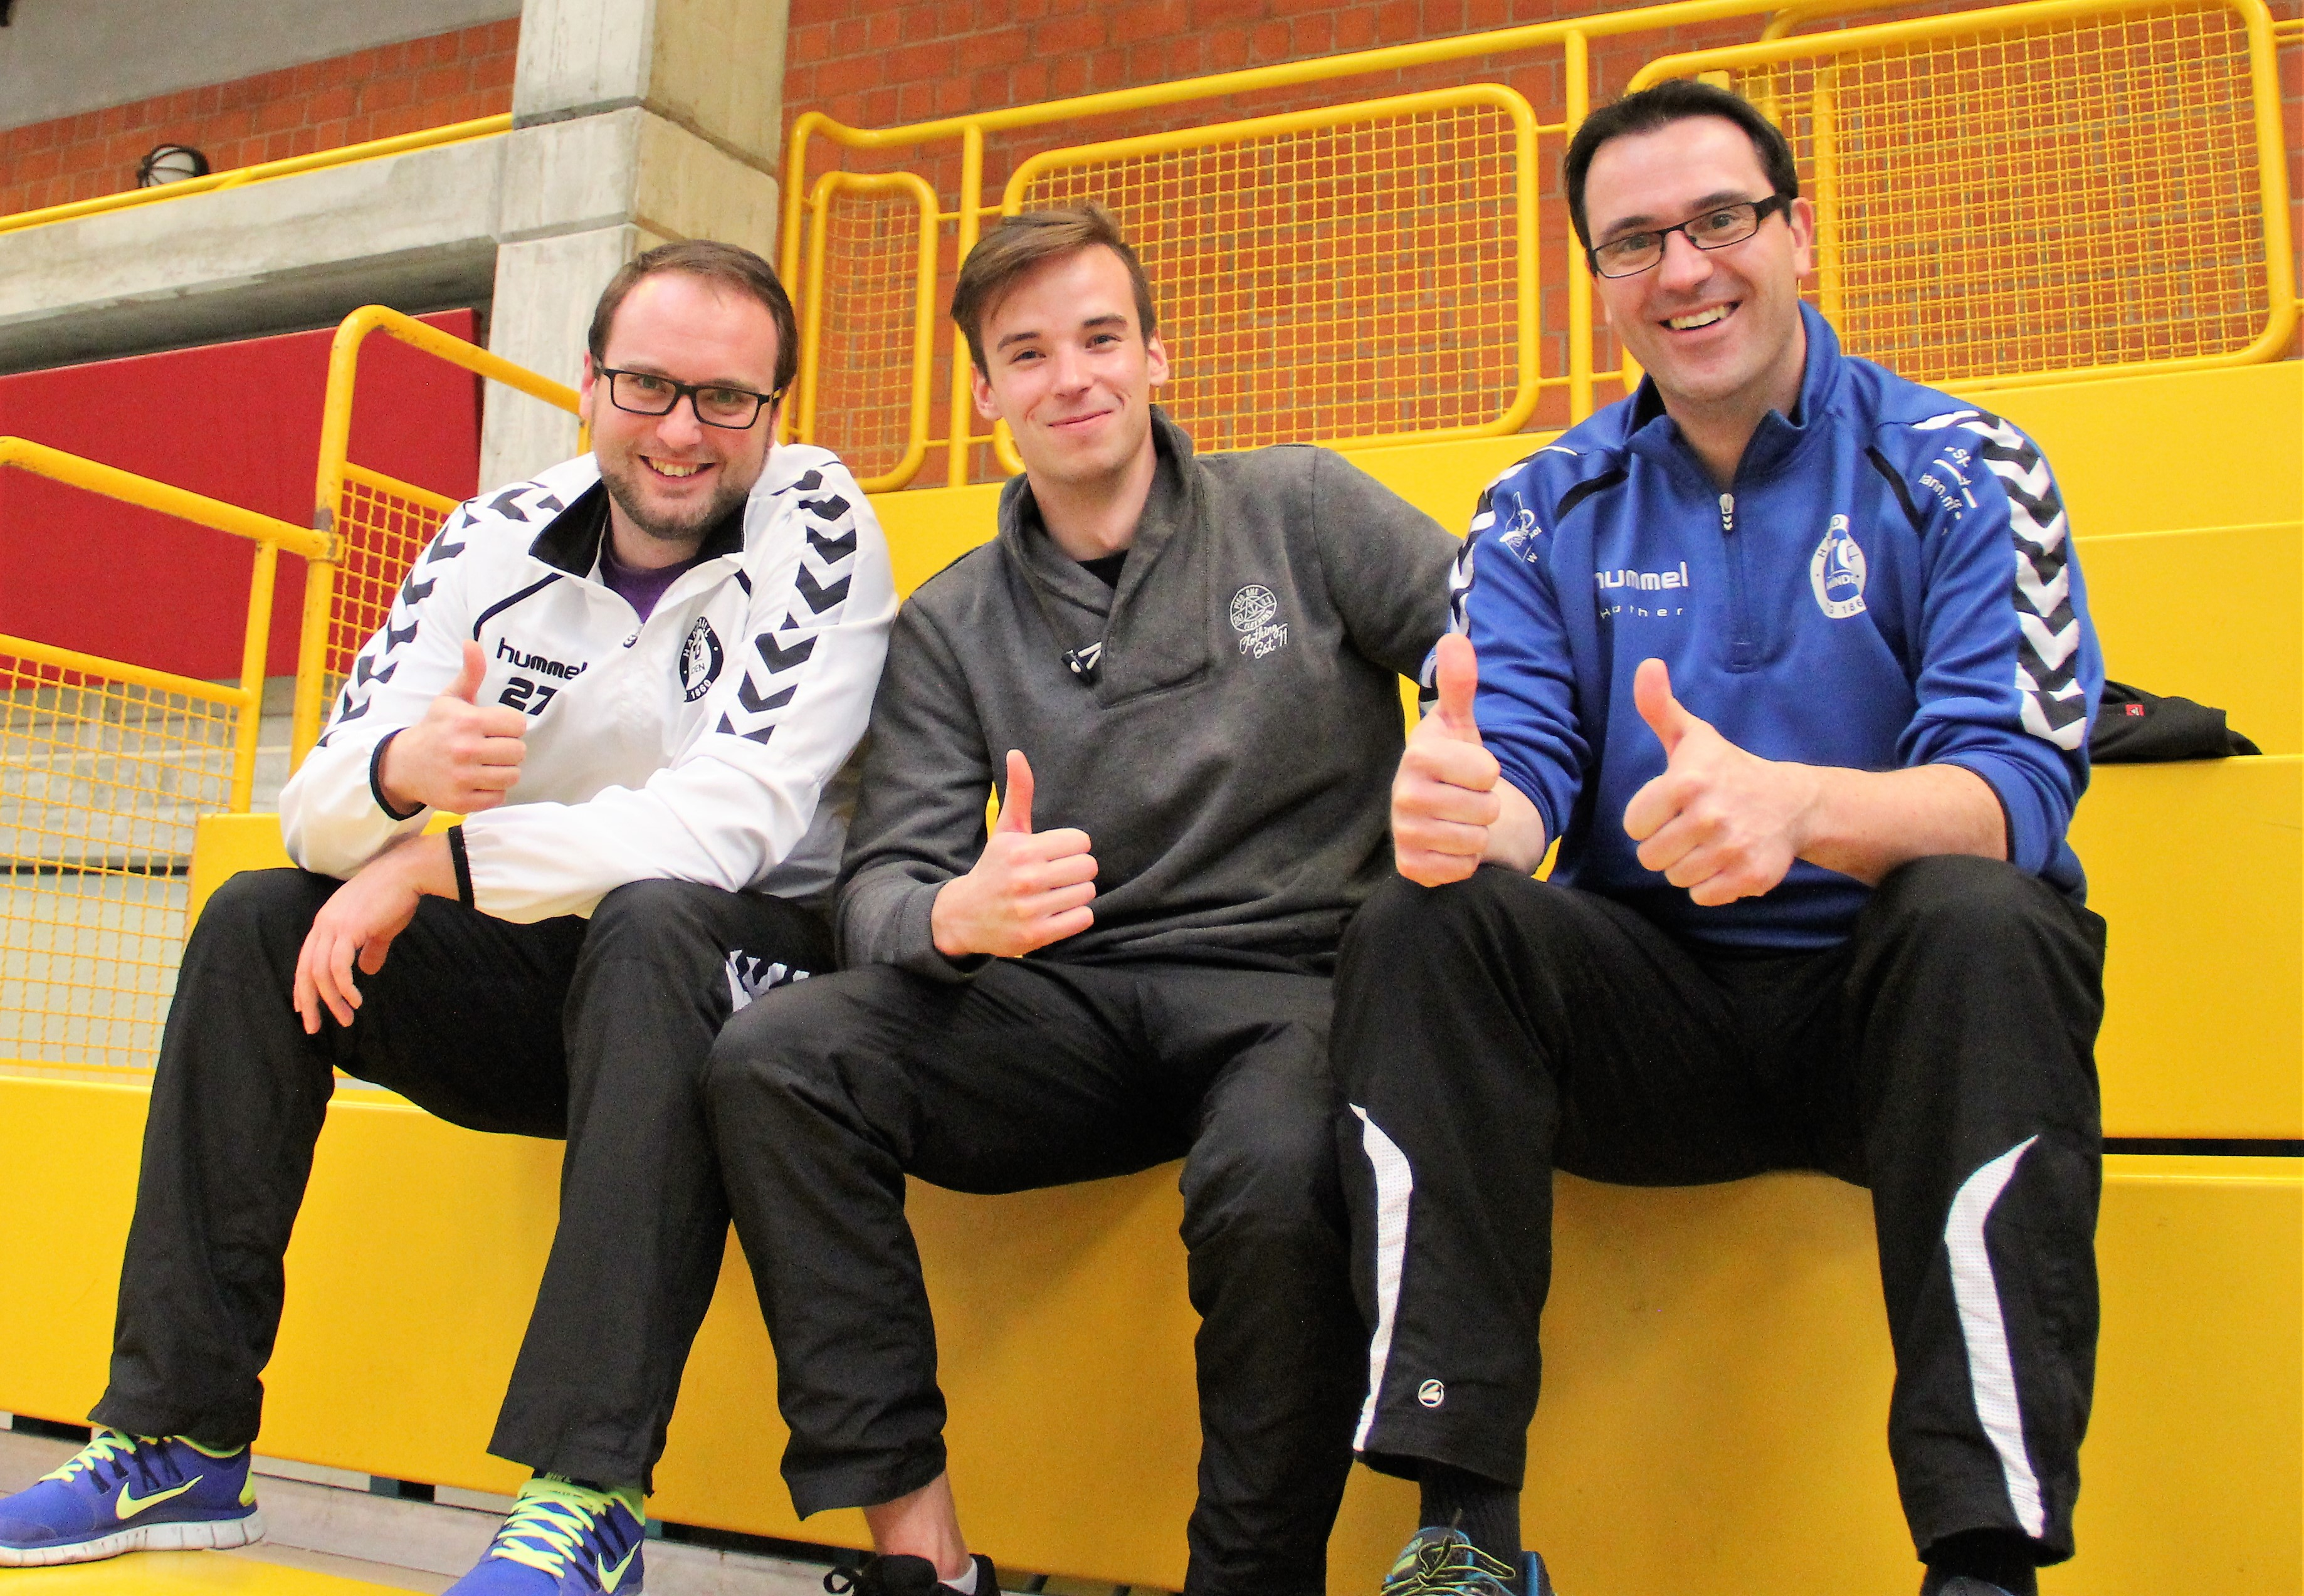 Tg Münden Handball